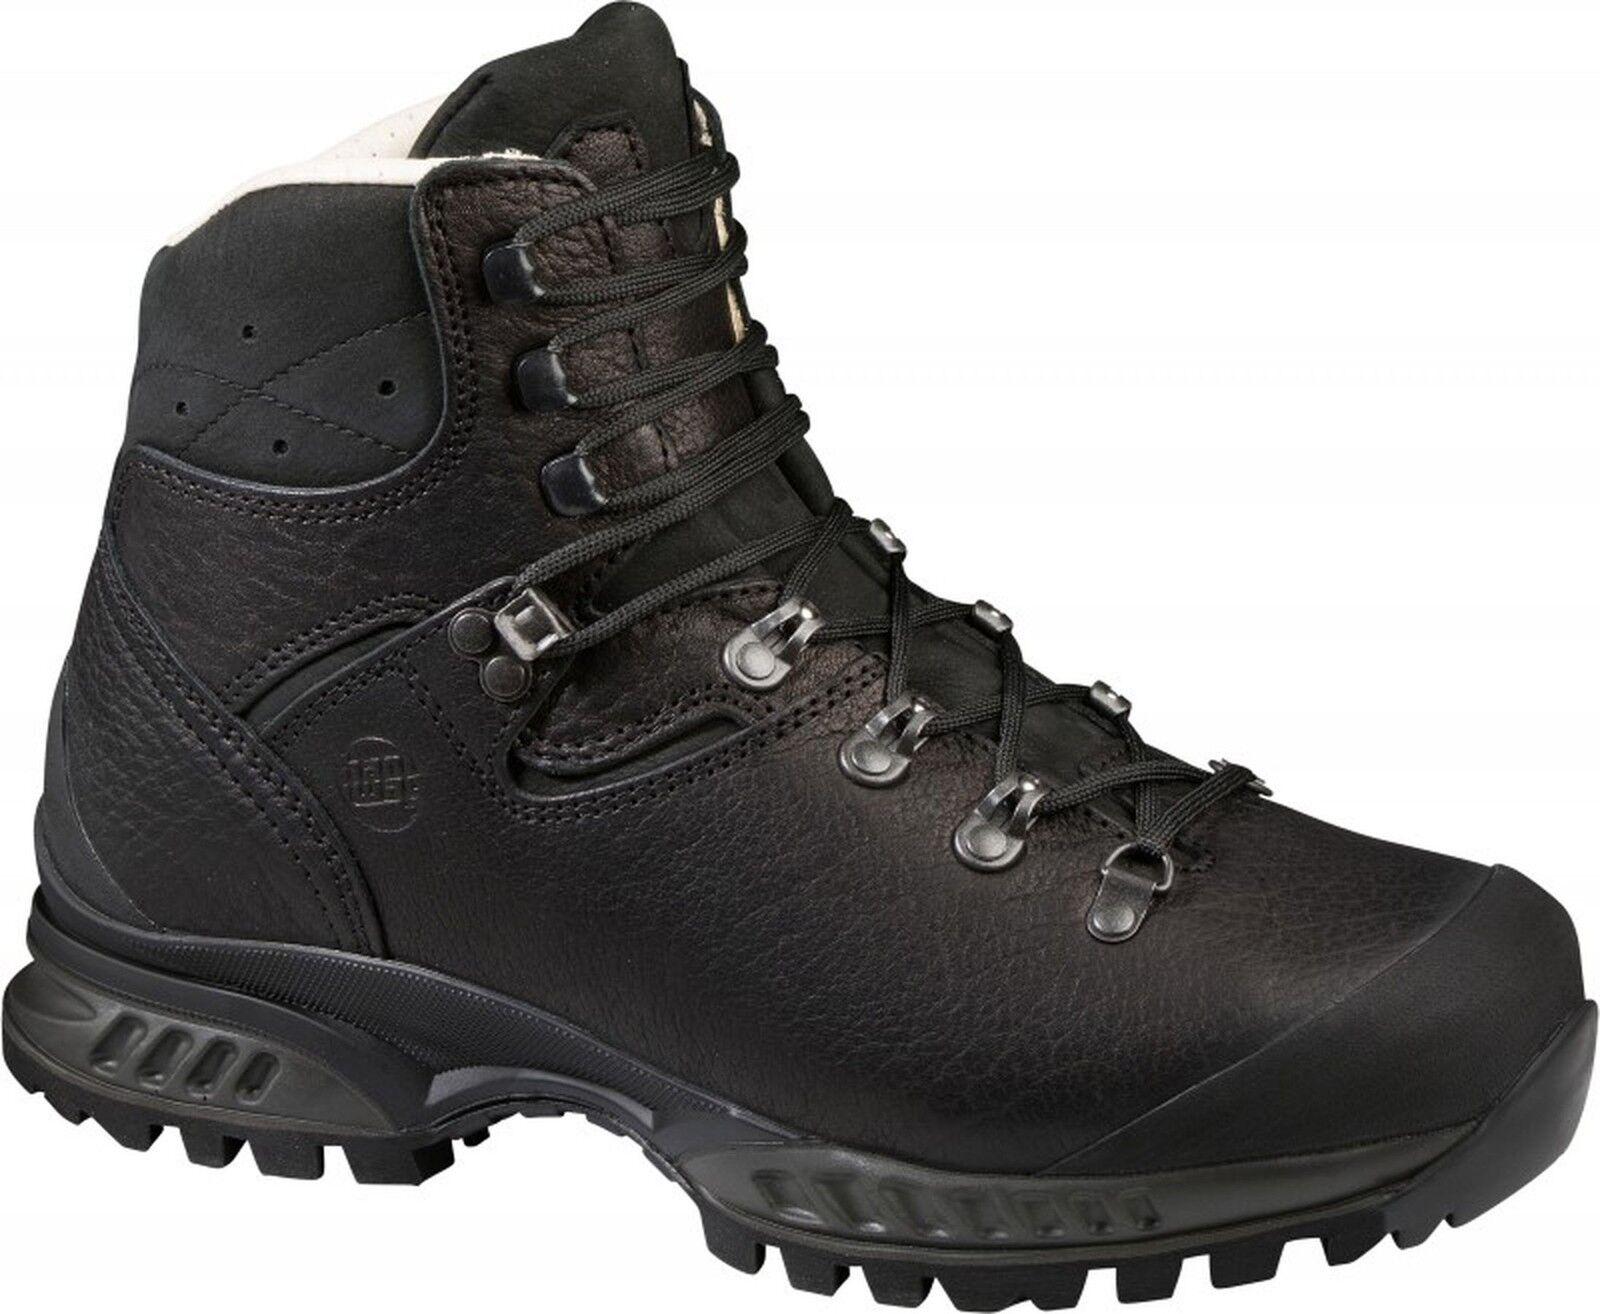 HANWAG Trekking Yak Schuhe Lhasa Größe 7,5 (41,5) schwarz  | München Online Shop